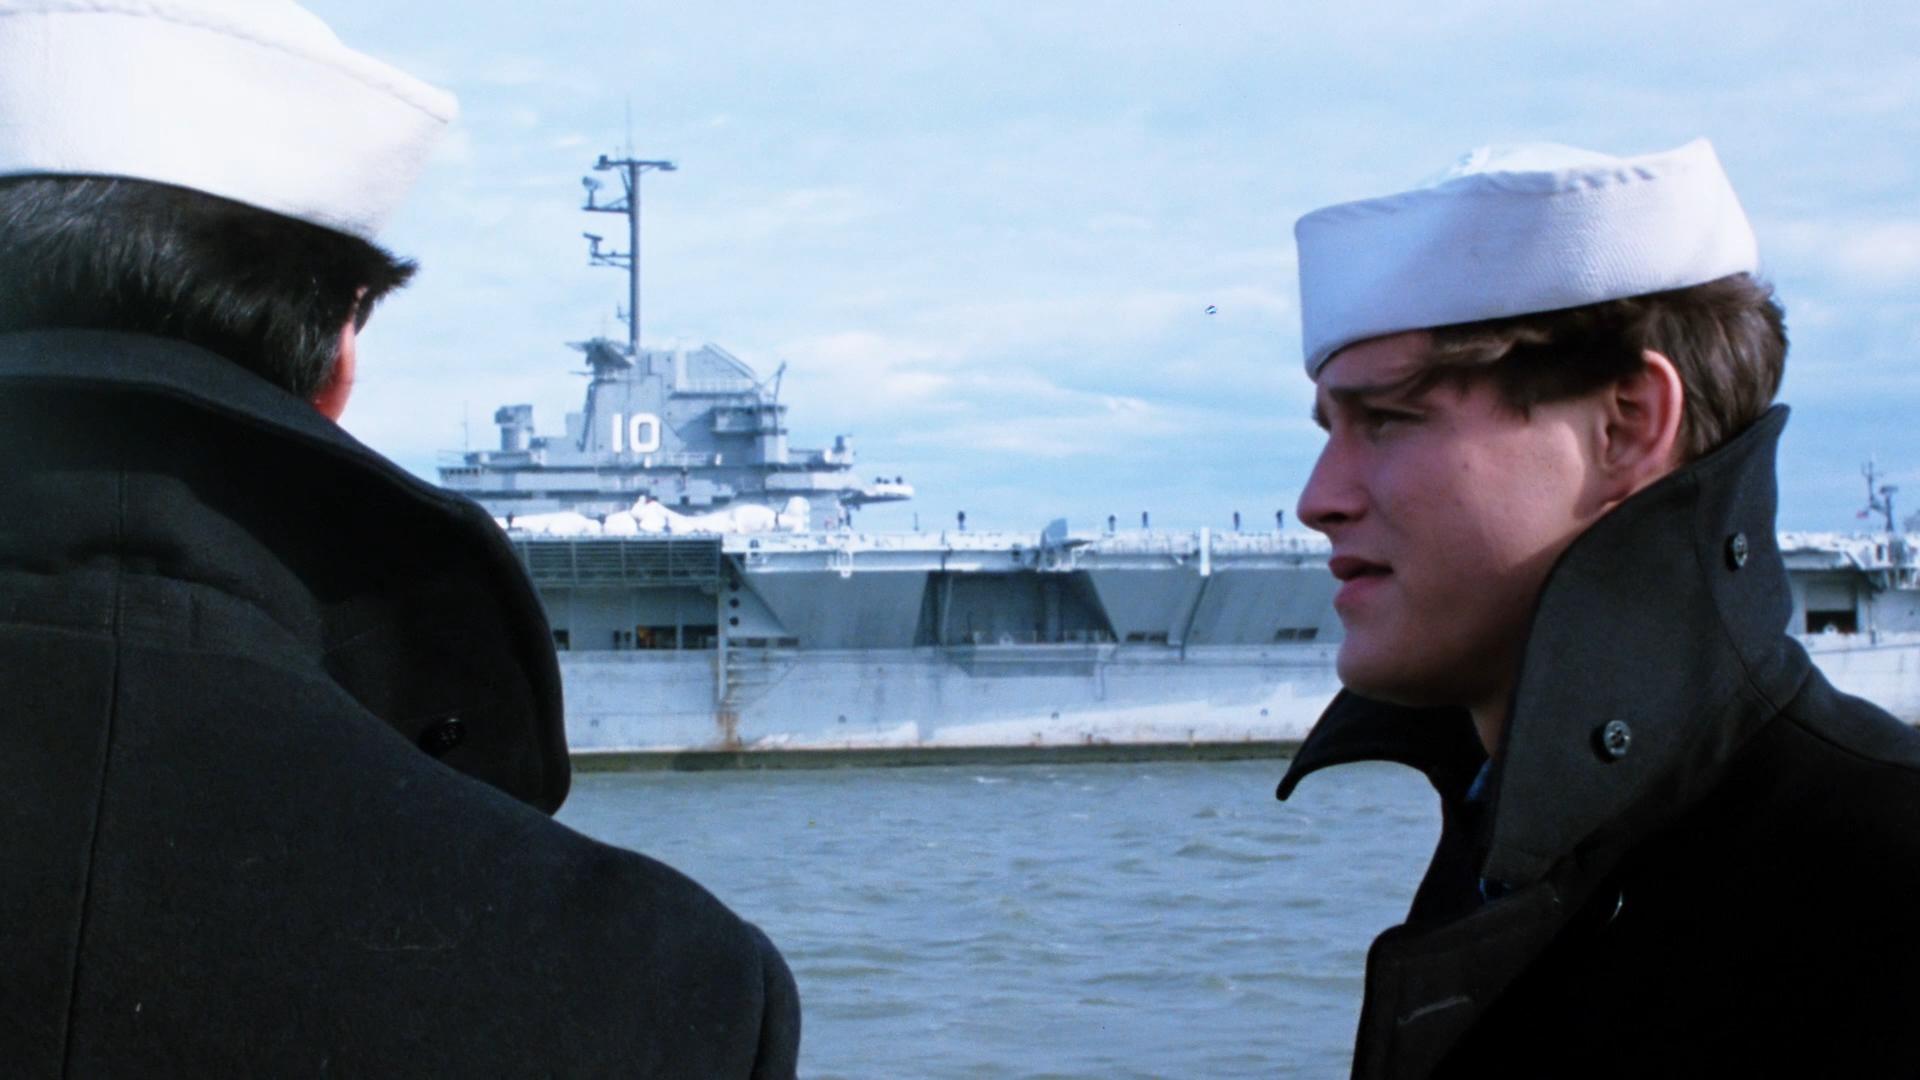 """Неразгаданная тайна 20 века: """"Филадельфийский эксперимент с кораблем"""""""